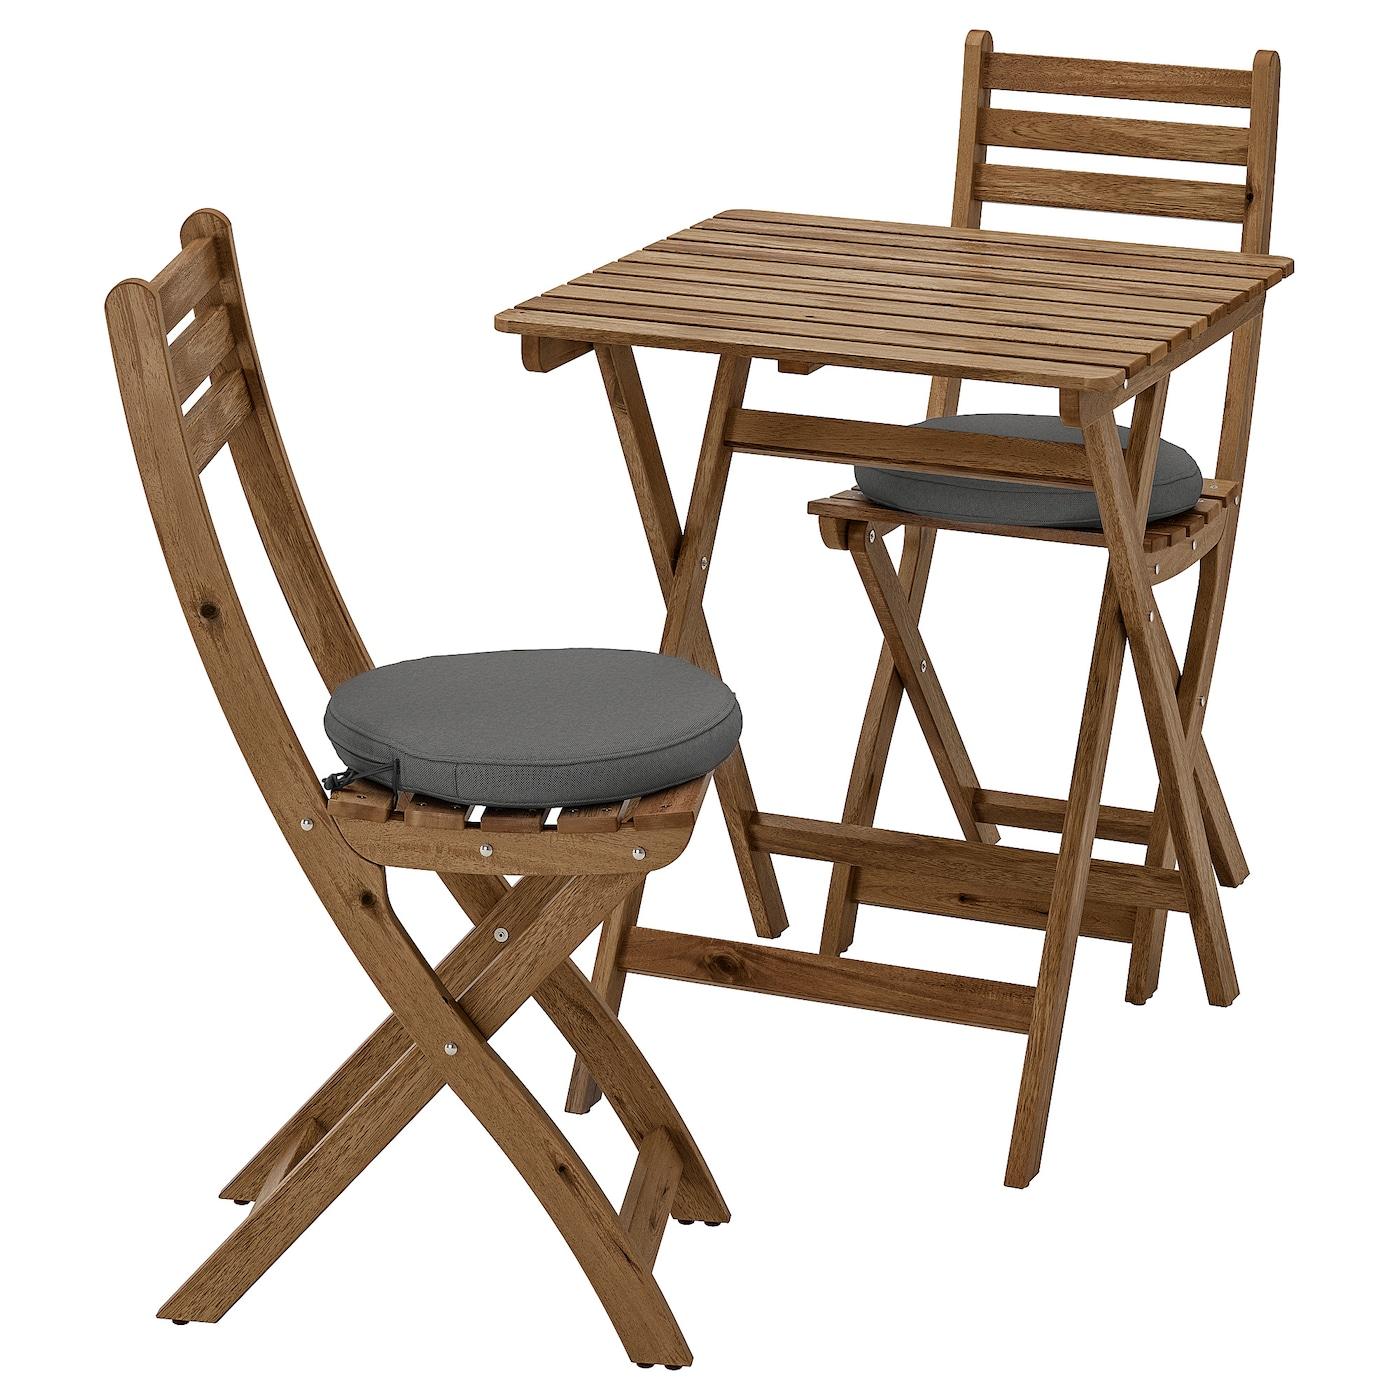 IKEA ASKHOLMEN Stół ogrodowy i 2 składane krzesła, szarobrązowa bejca, Frösön/Duvholmen ciemnoszary